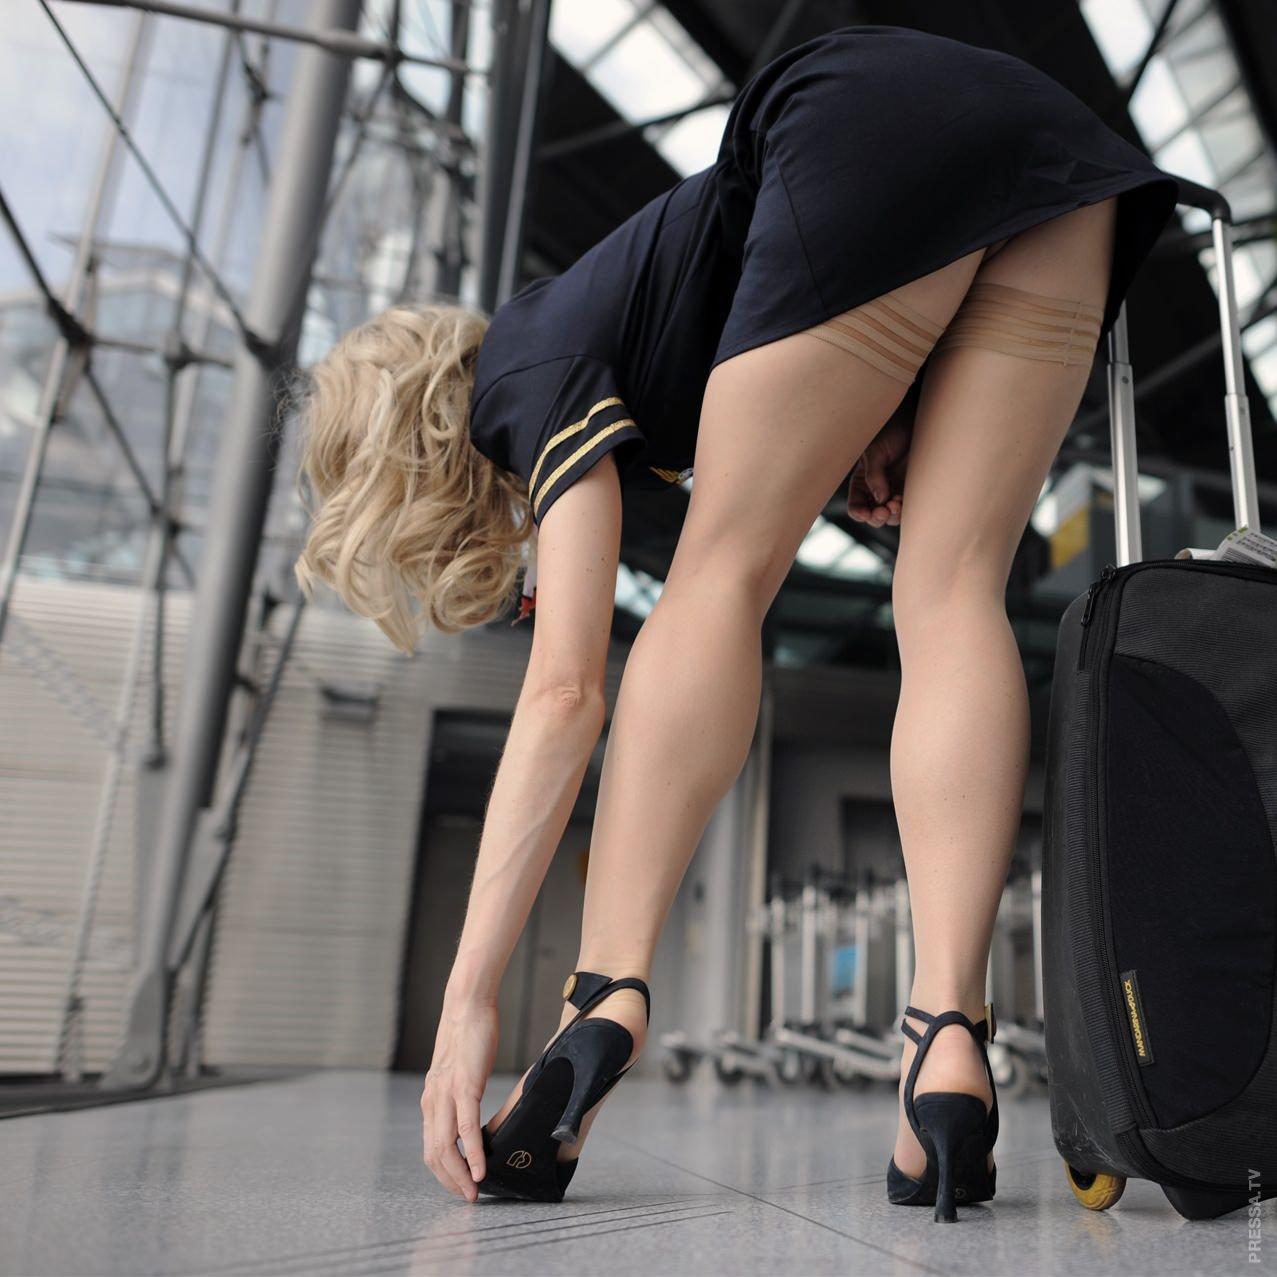 Девушки нагибаются в коротких юбках частные фото, порно онлайн опытная и молодая